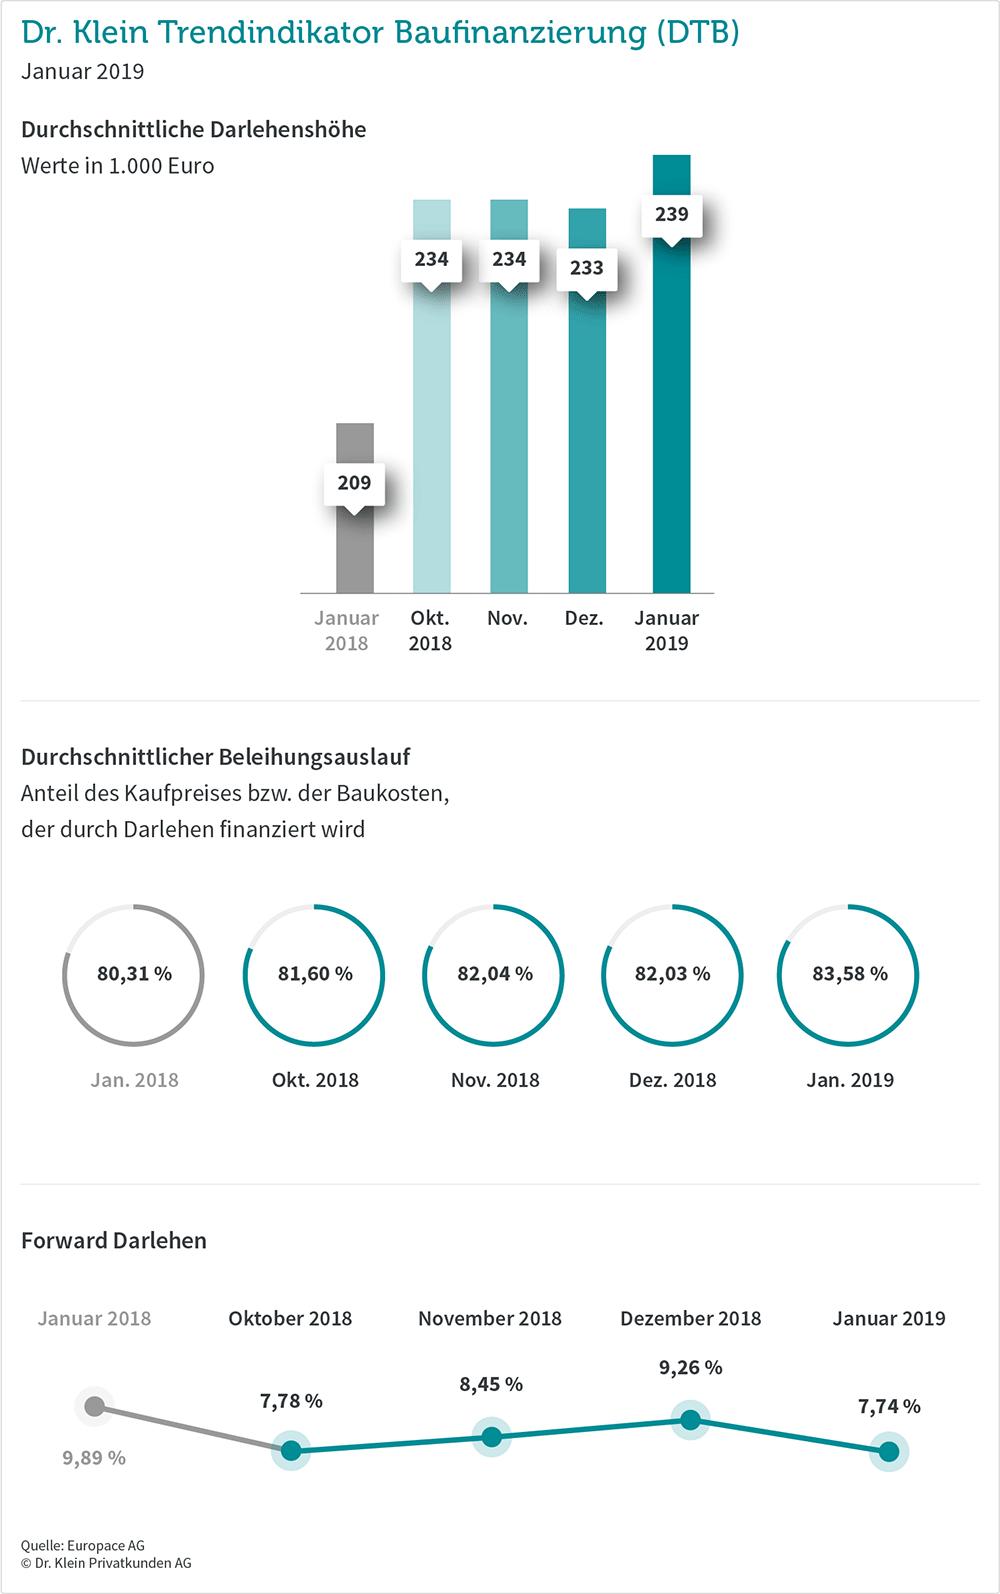 Trends bei Baufinanzierungen erhoben von Dr. Klein im Januar 2019